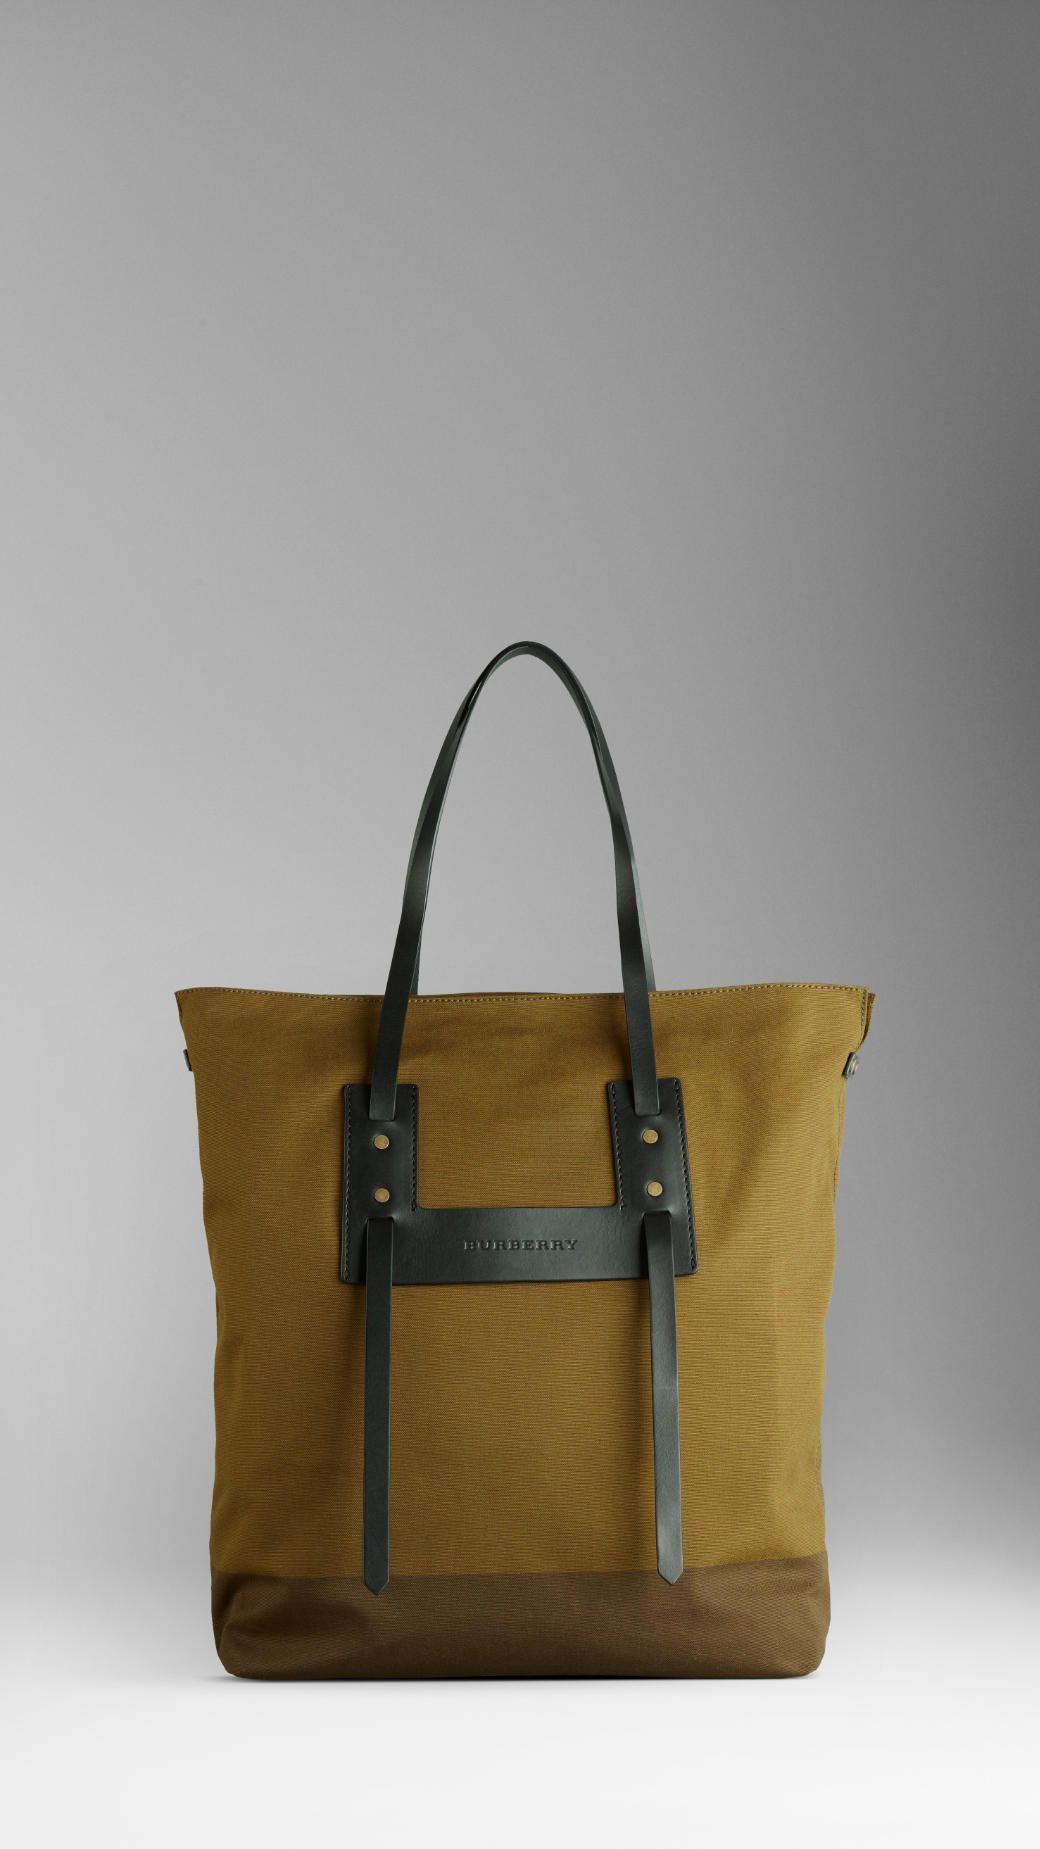 4d4b3a6decbe Burberry mens canvas tote bag